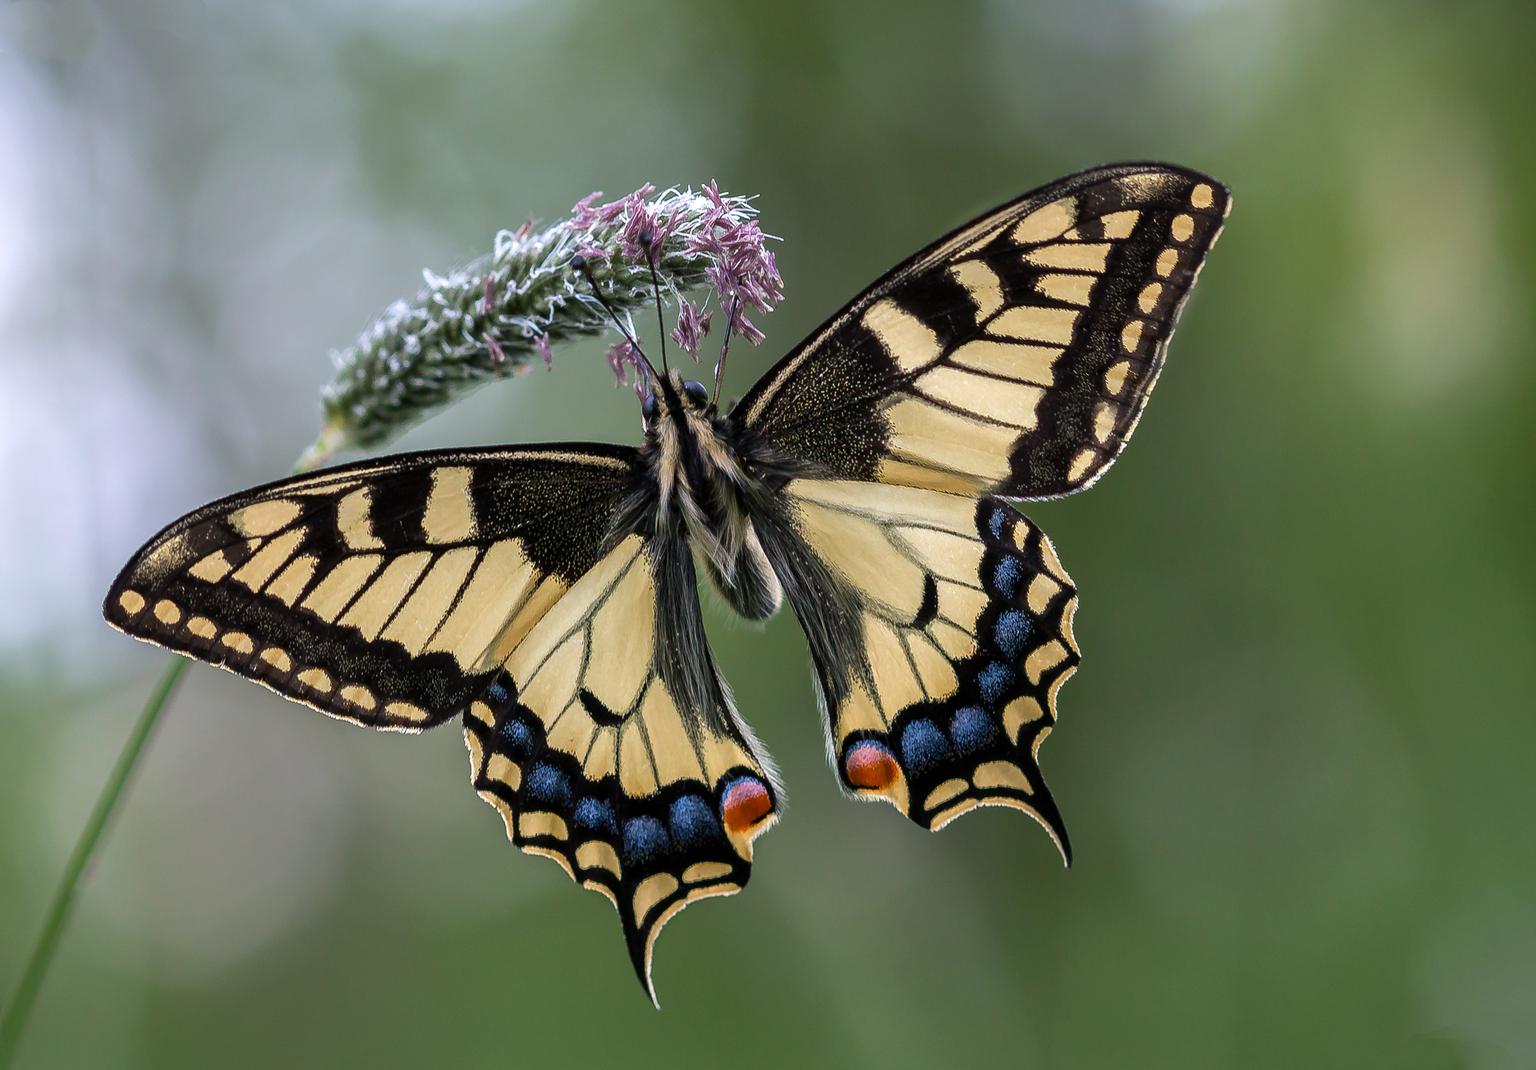 Koninginnenpage - Een foto van een koninginnenpage  - foto door constant_zoom op 10-04-2021 - locatie: Echt, Nederland - deze foto bevat: vlinder, zomer, macro, page, bestuiver, geleedpotigen, insect, vlinder, fabriek, natuur, papilio machaon, motten en vlinders, papilio, bloem